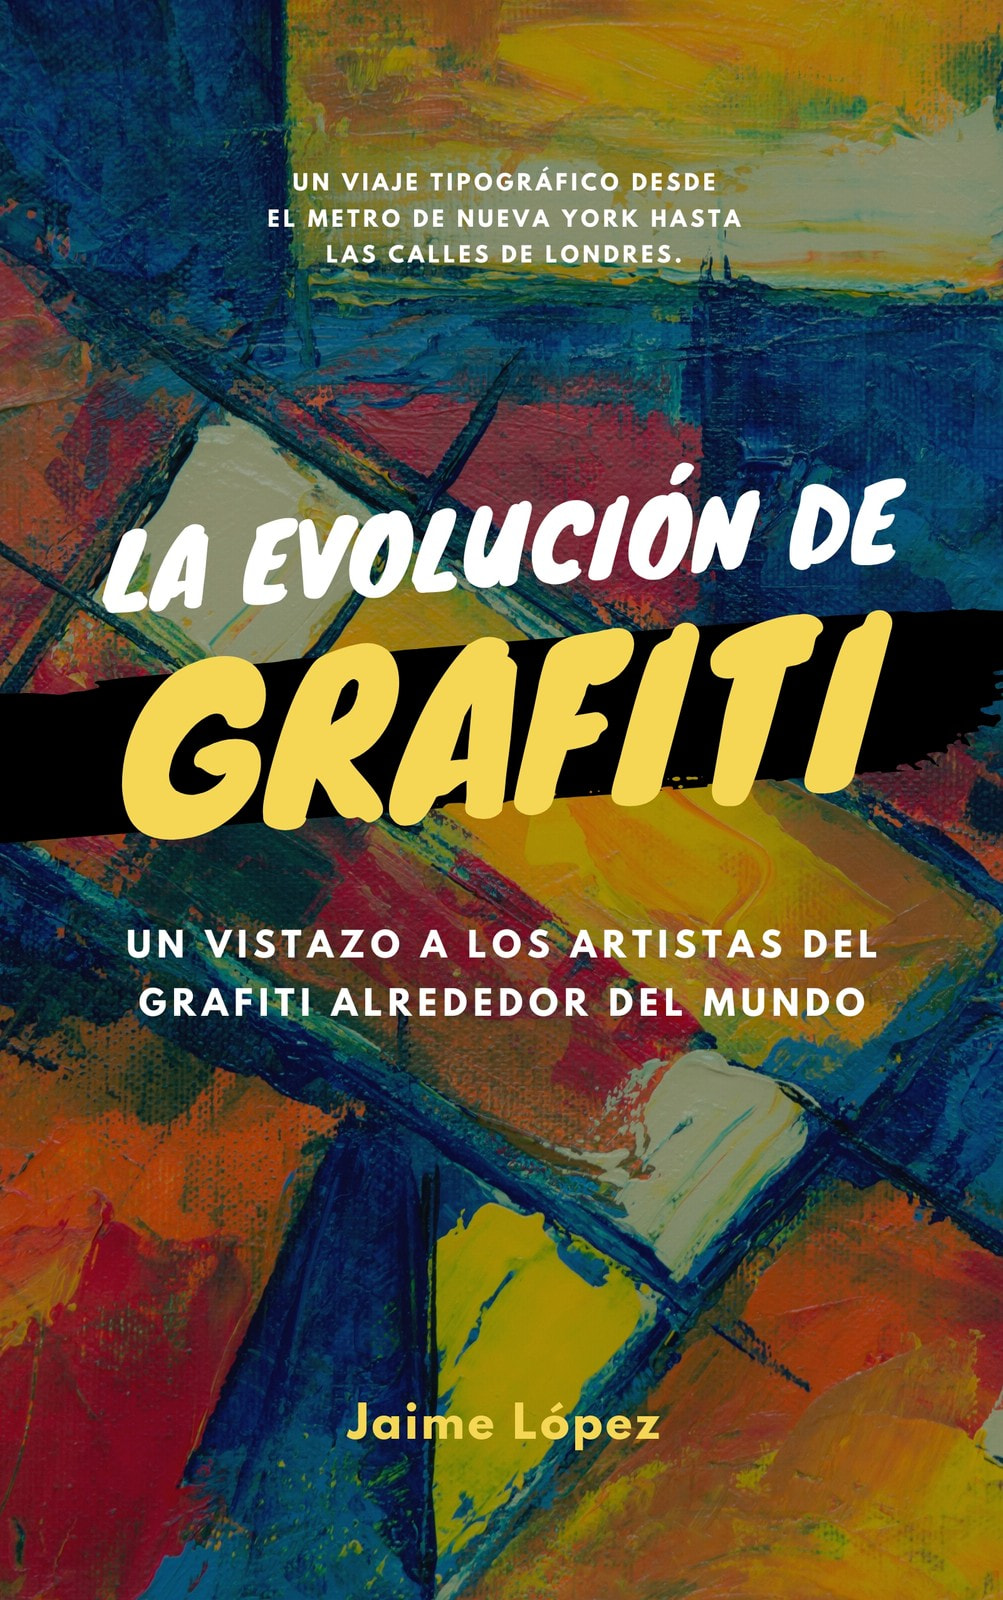 Amarillo Negro Colorido Neón Pintura Grafiti Arte Tipografía Libro Portada